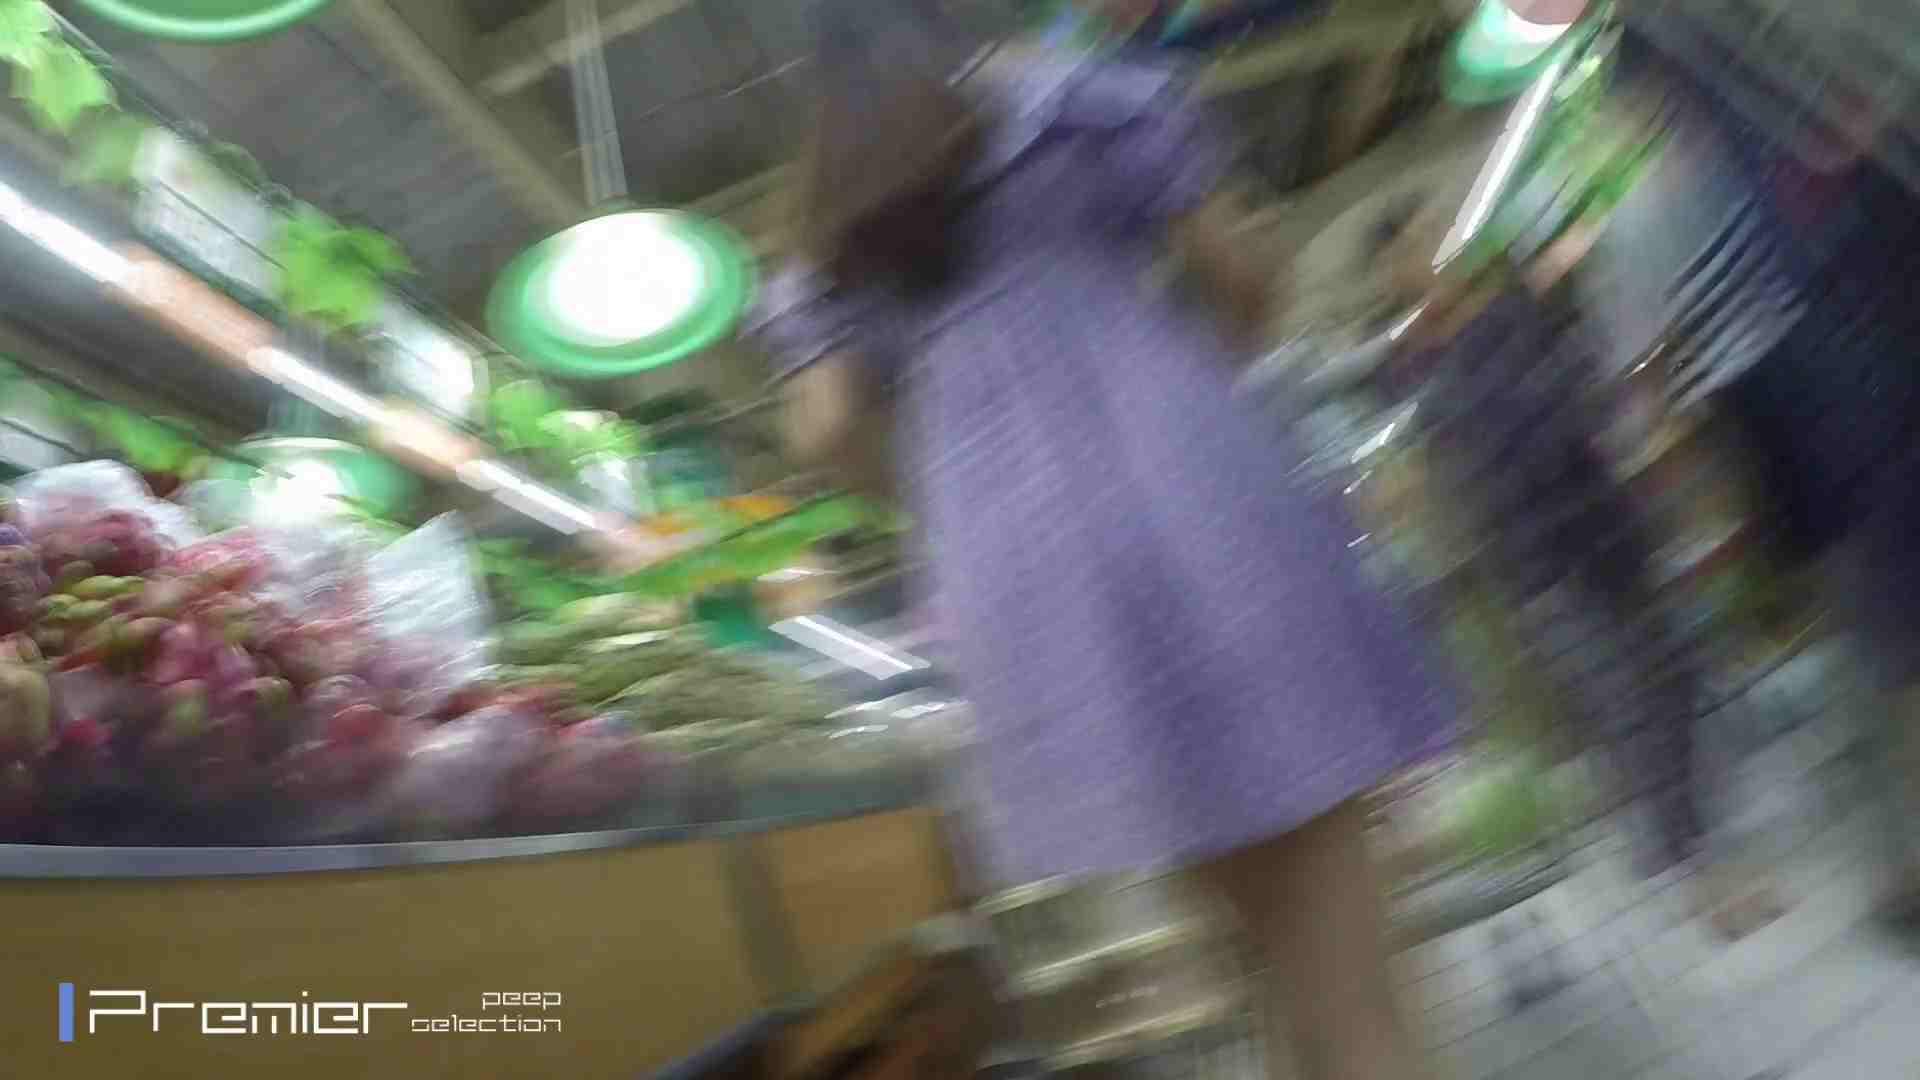 美女の下半身を粘着撮り!卑猥なパンチラ Vol.05 美女達のヌード | お姉さん達のヌード  56連発 48